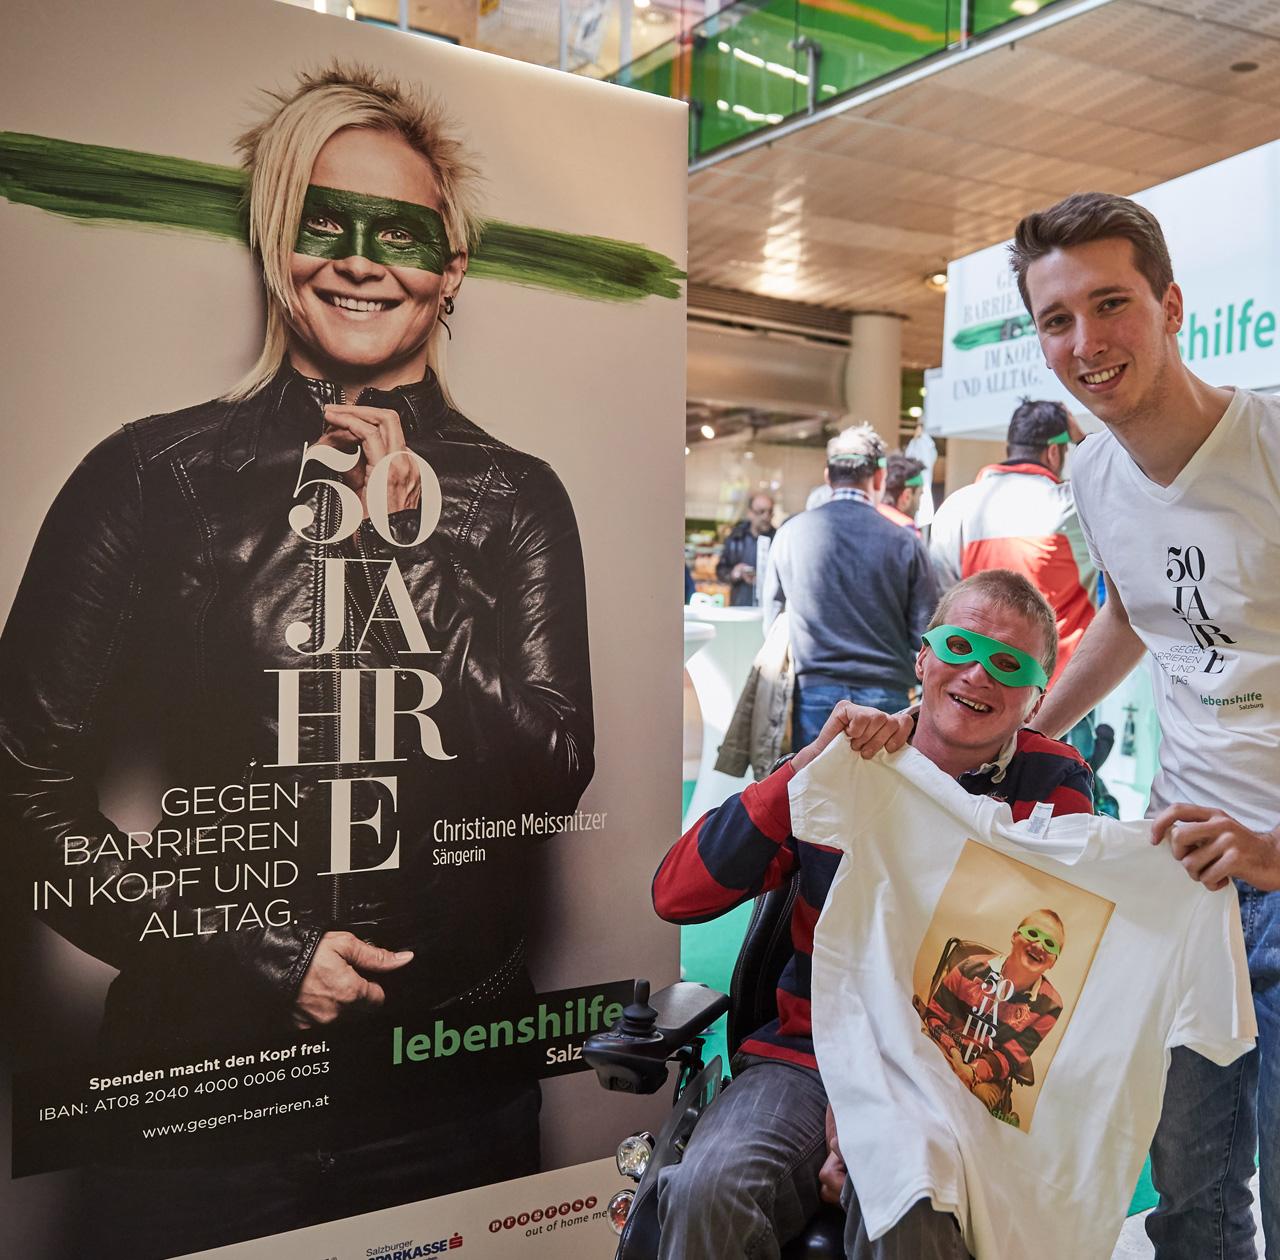 upart Referenz für die Lebenshilfe Salzburg - 50 Jahre - Messestand